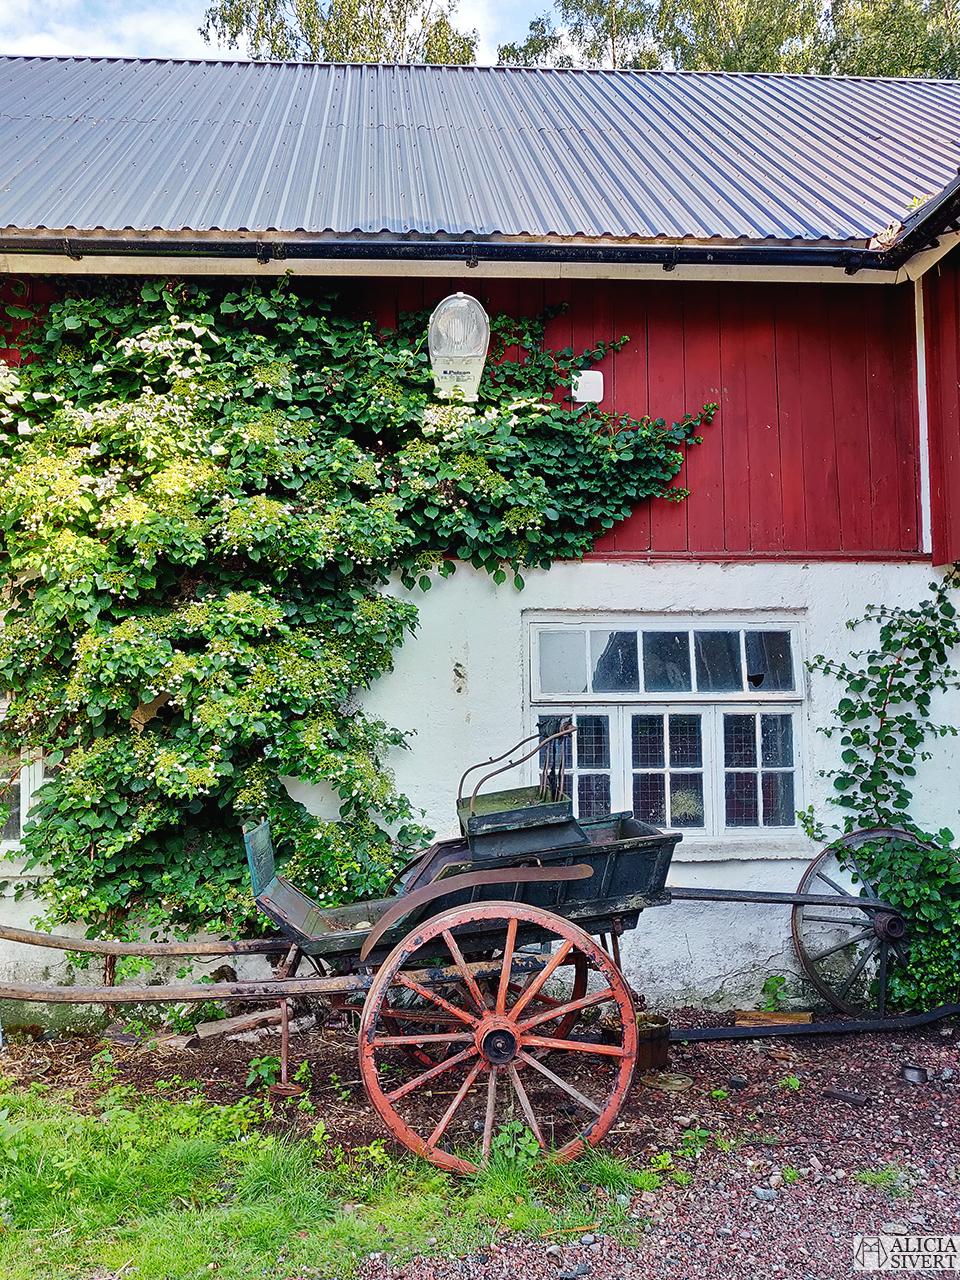 Vagn mot ladugård, Norrängens alpackagård - www.aliciasivert.se